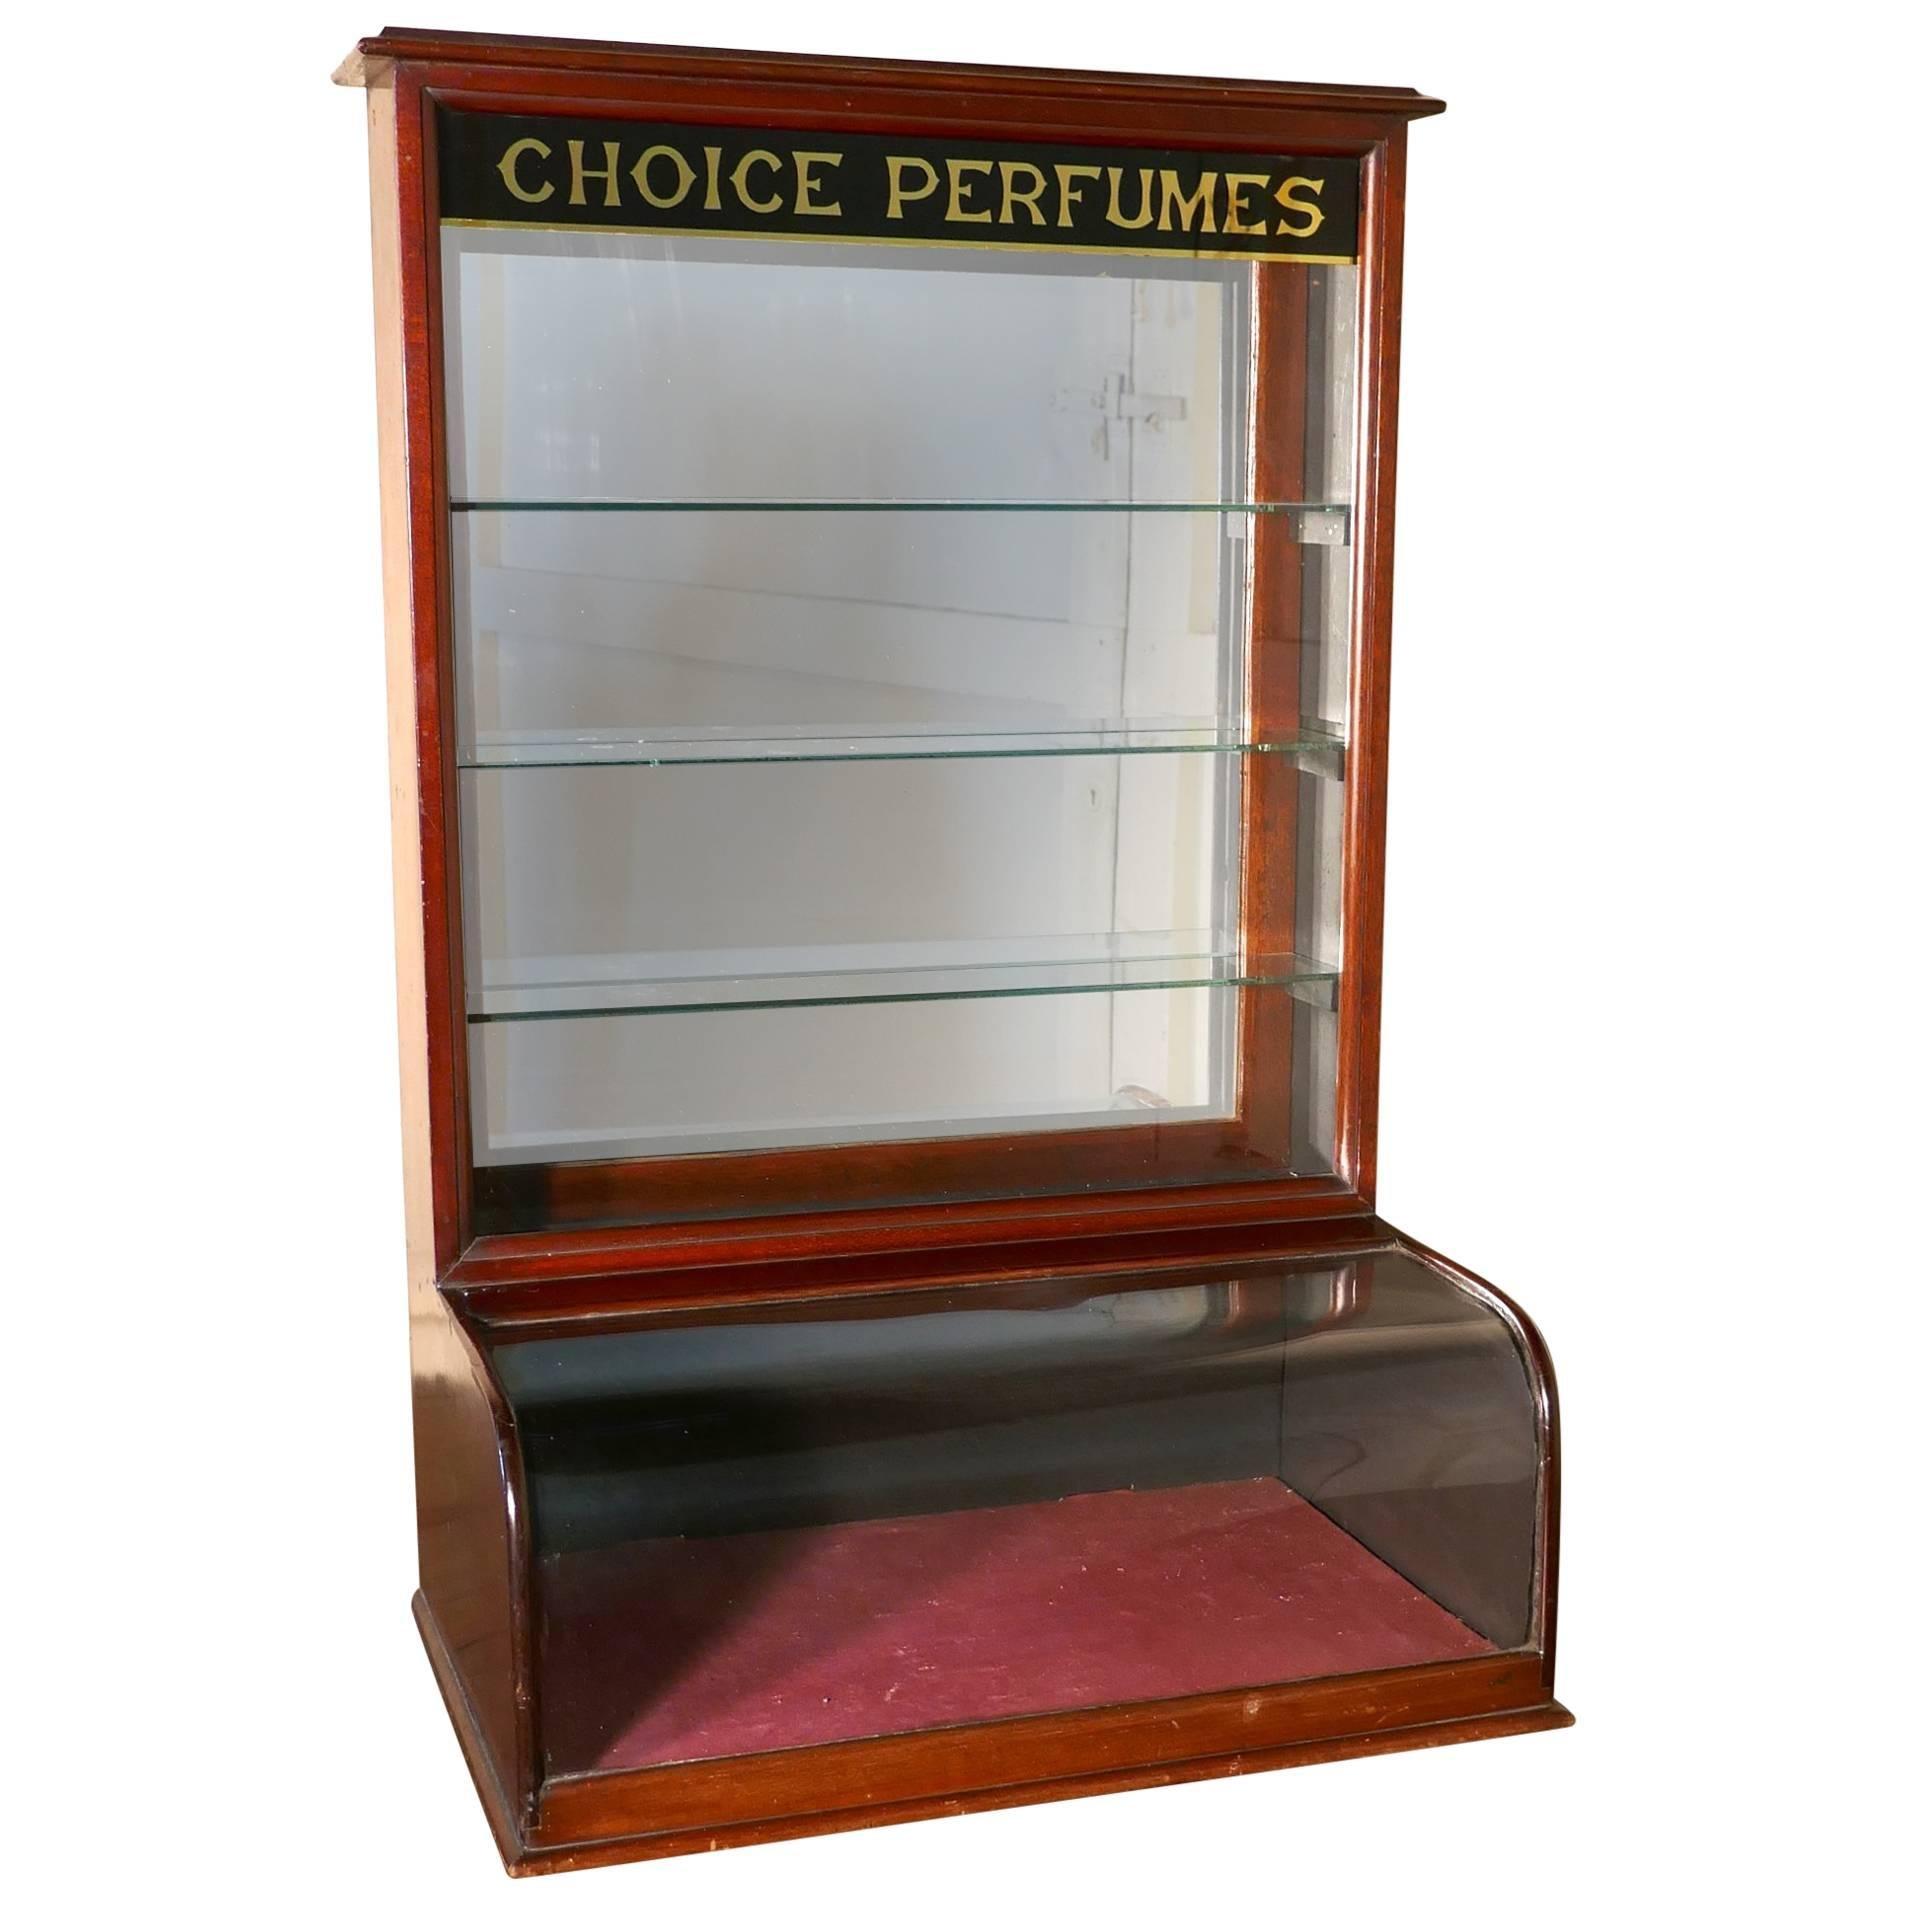 Victorian Mahogany Chemists Perfume Shop Display Cabinet